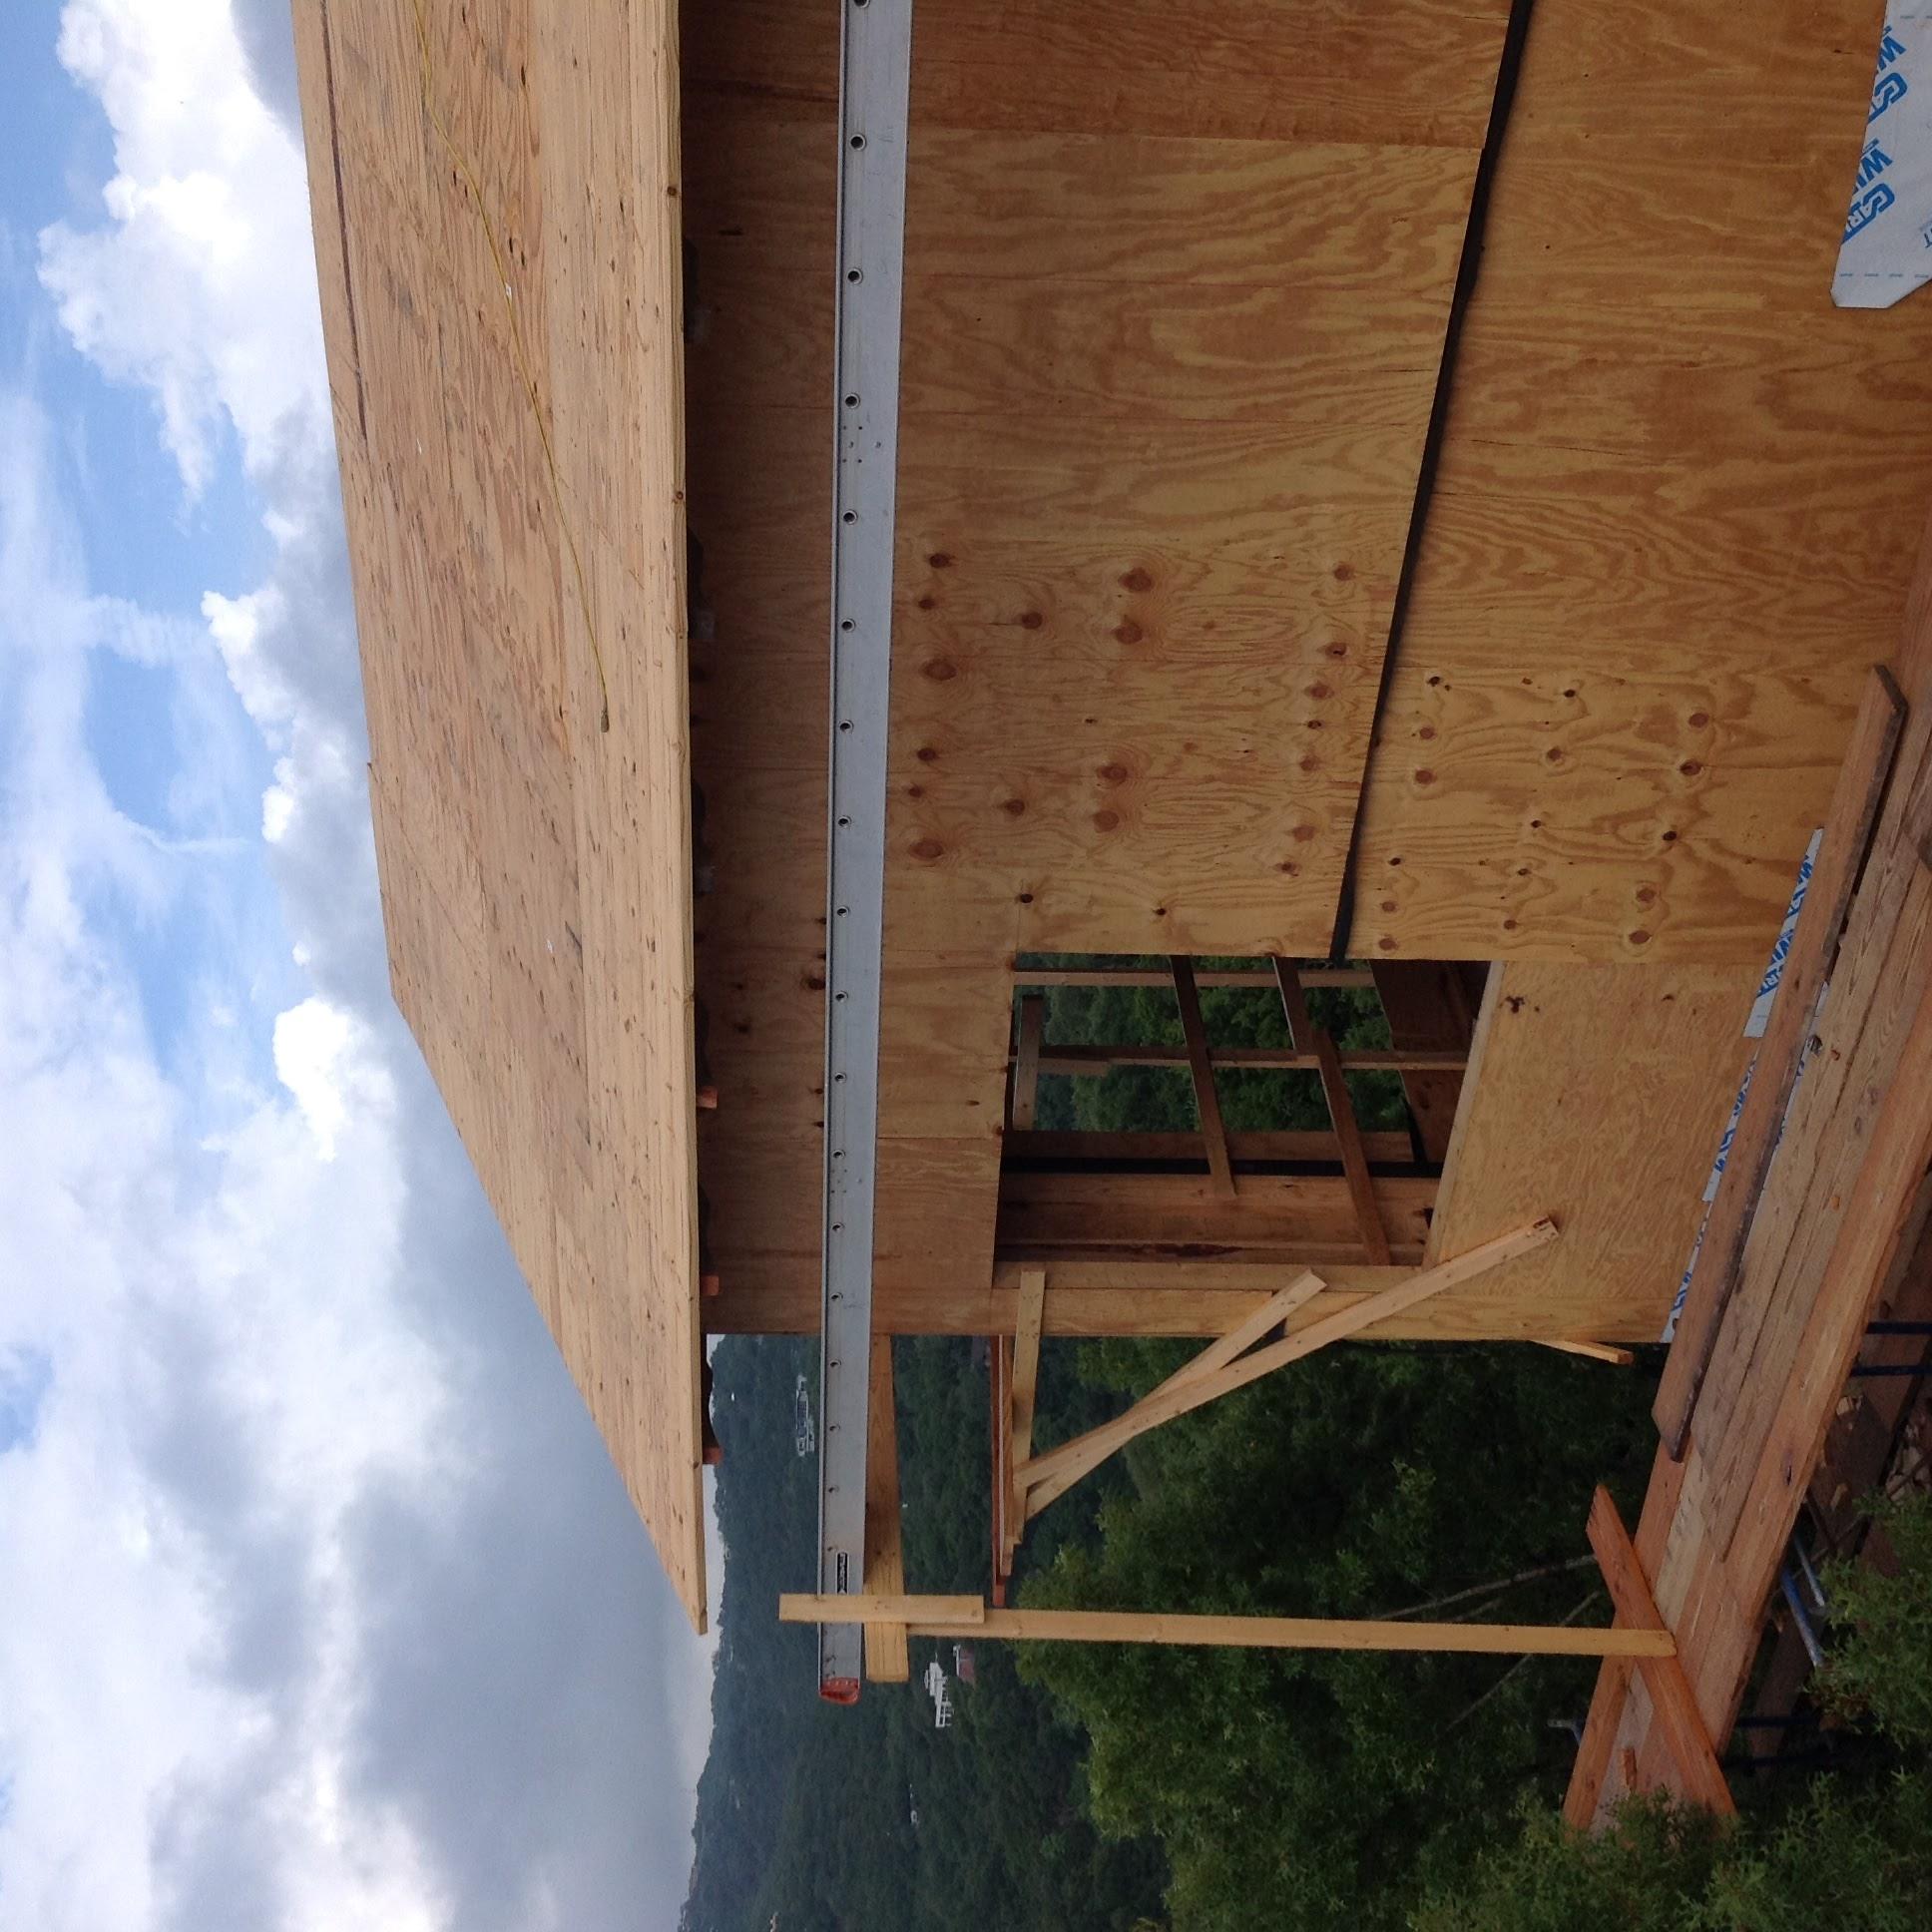 House-side framing